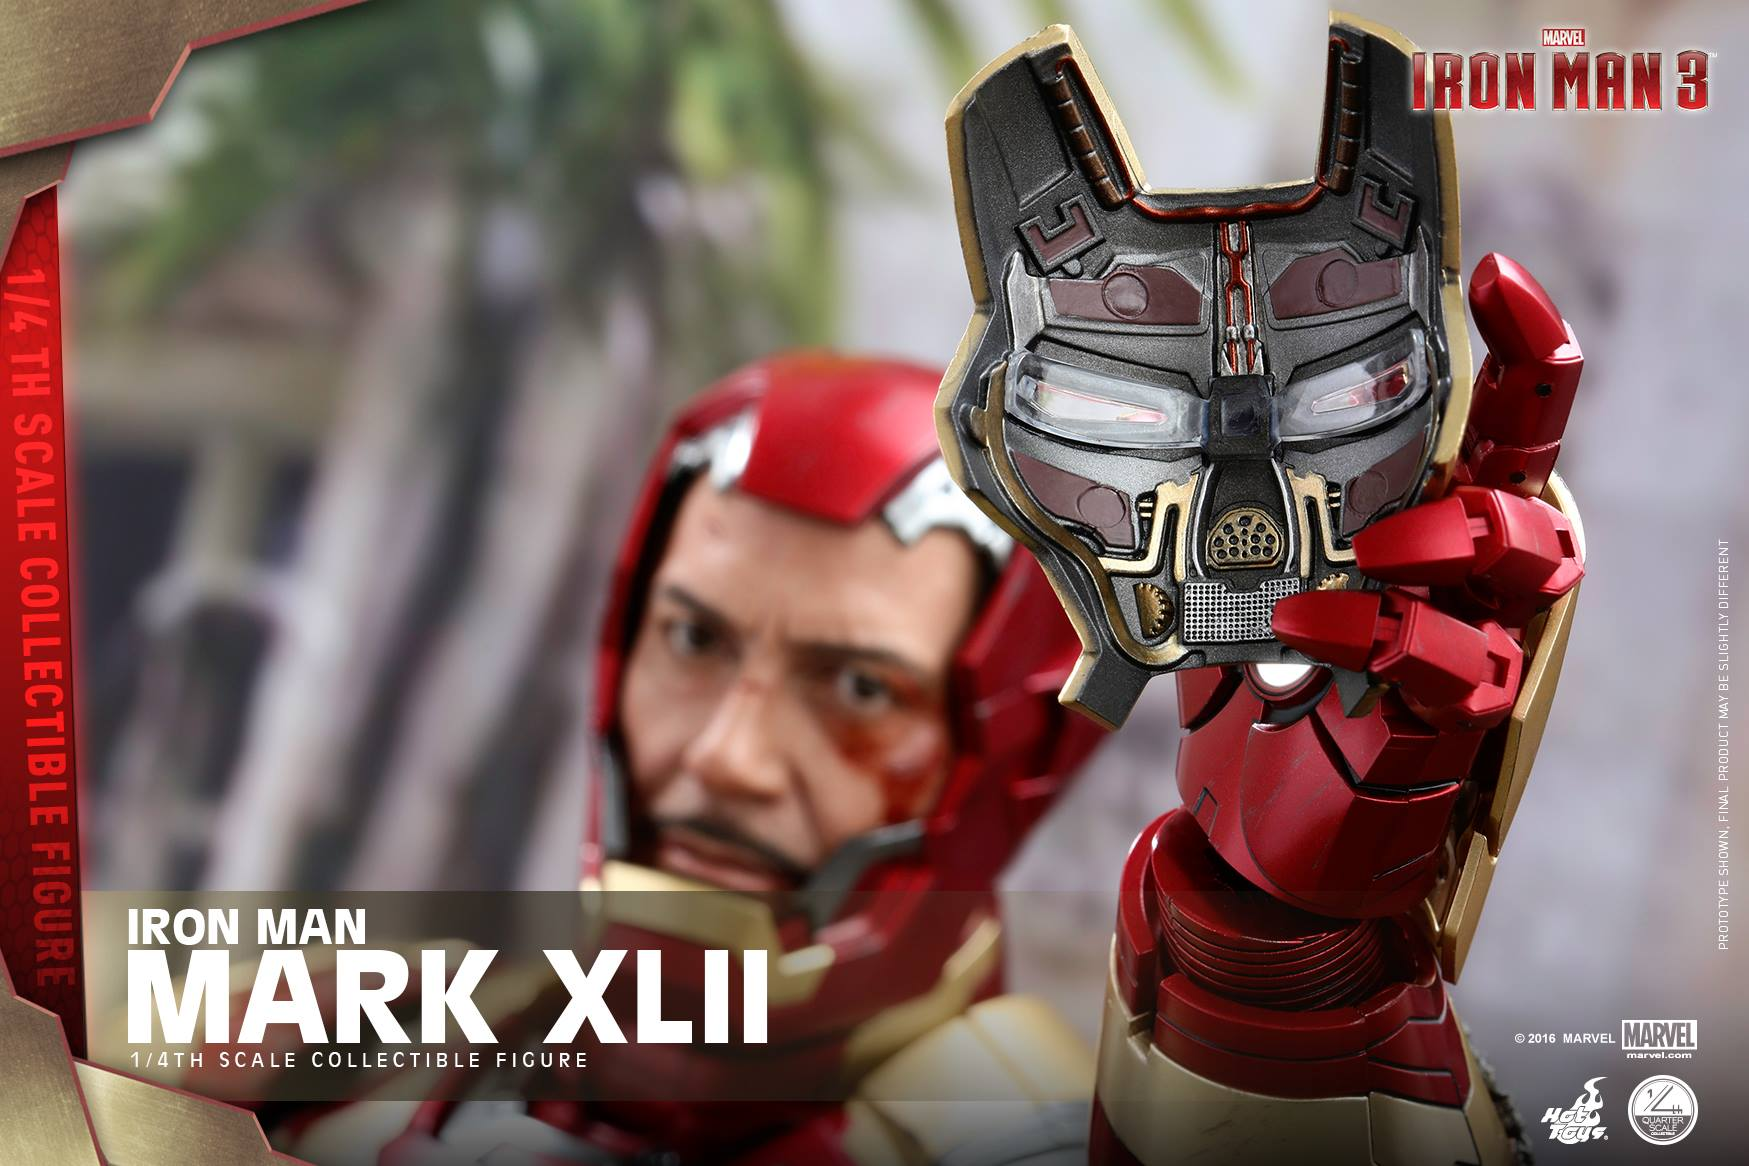 hot toys iron man mark 42 quarter scale figure revealed